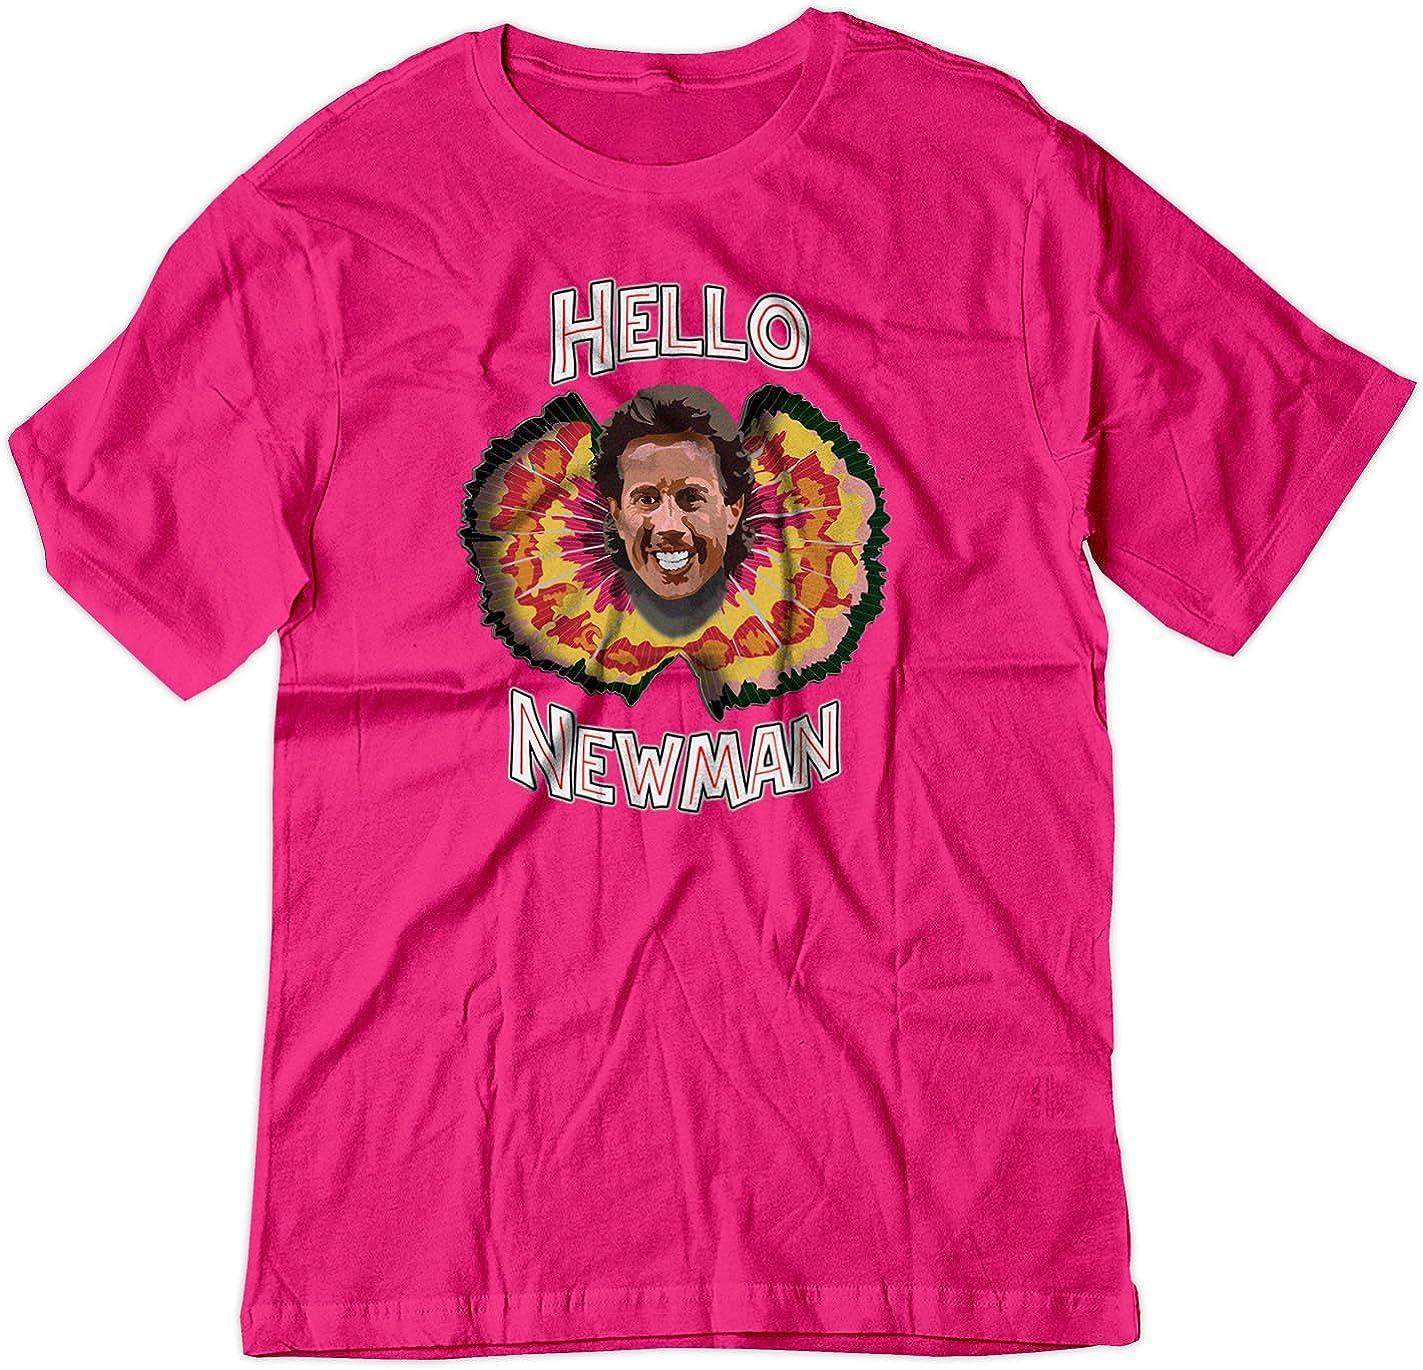 BSW - Camiseta de Manga Corta con diseño de Hello Newman Seinfeld Jurassic Park - Rojo - XS: Amazon.es: Ropa y accesorios